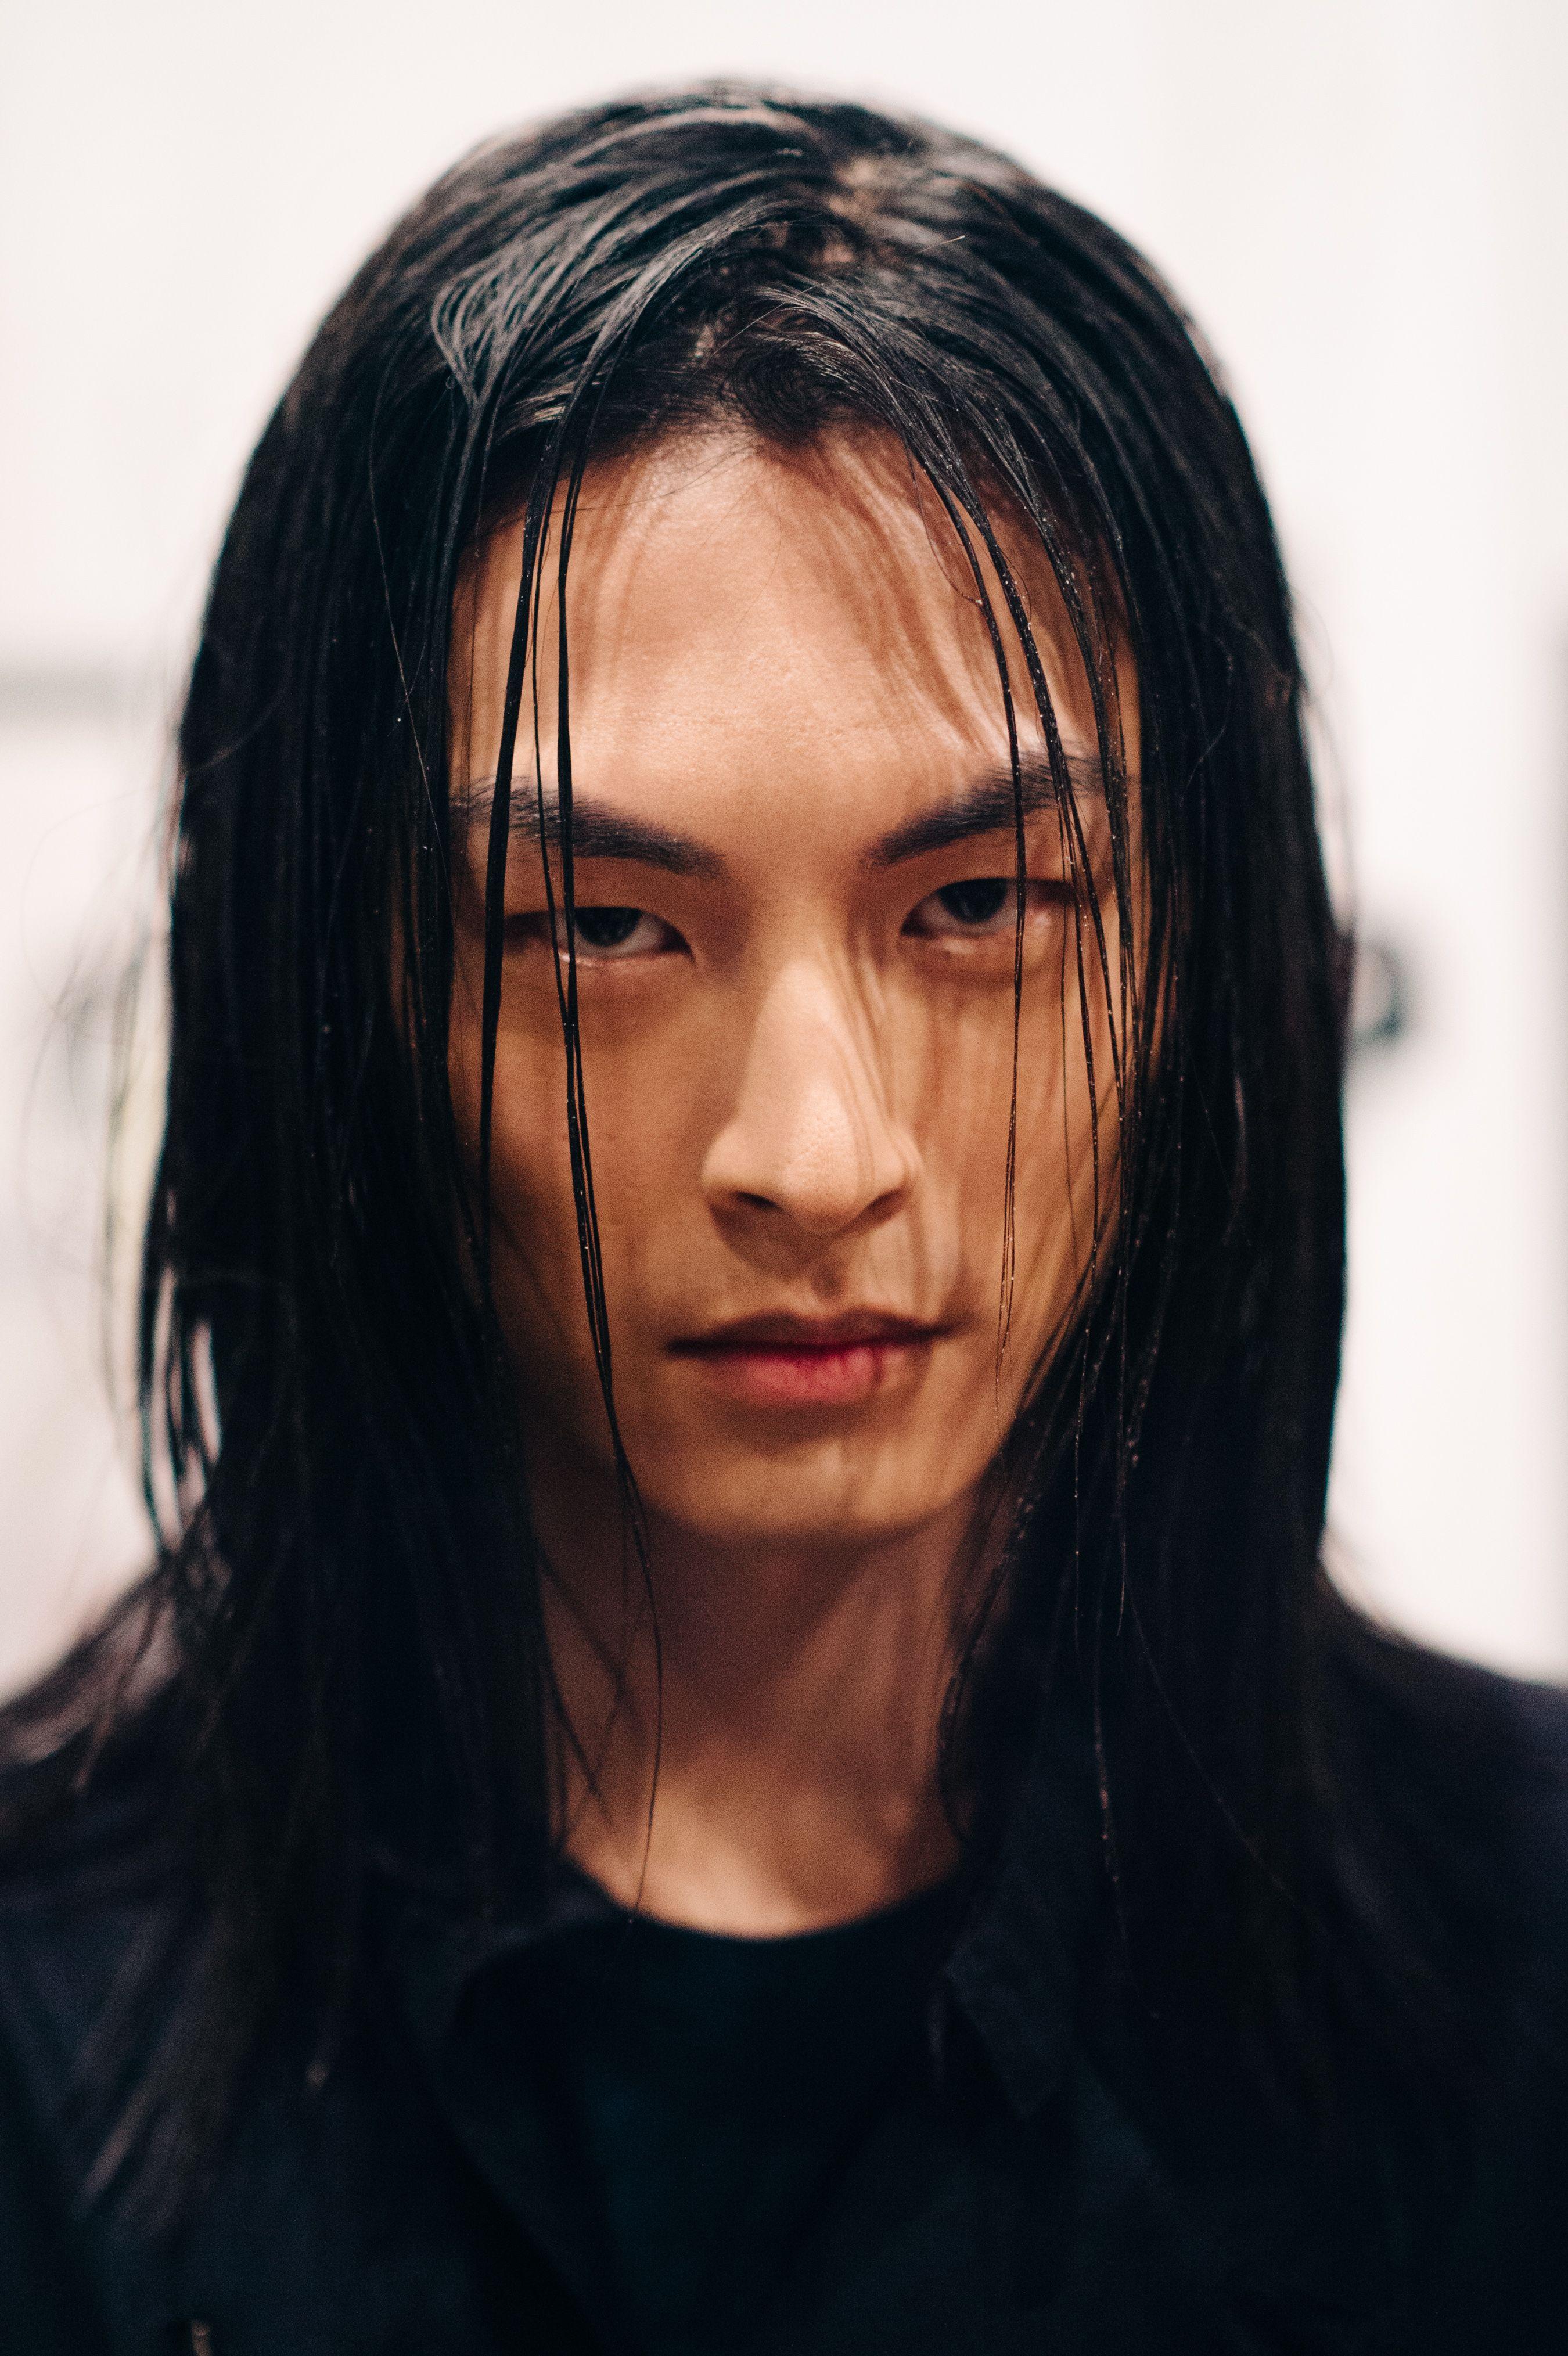 Asian guy new york